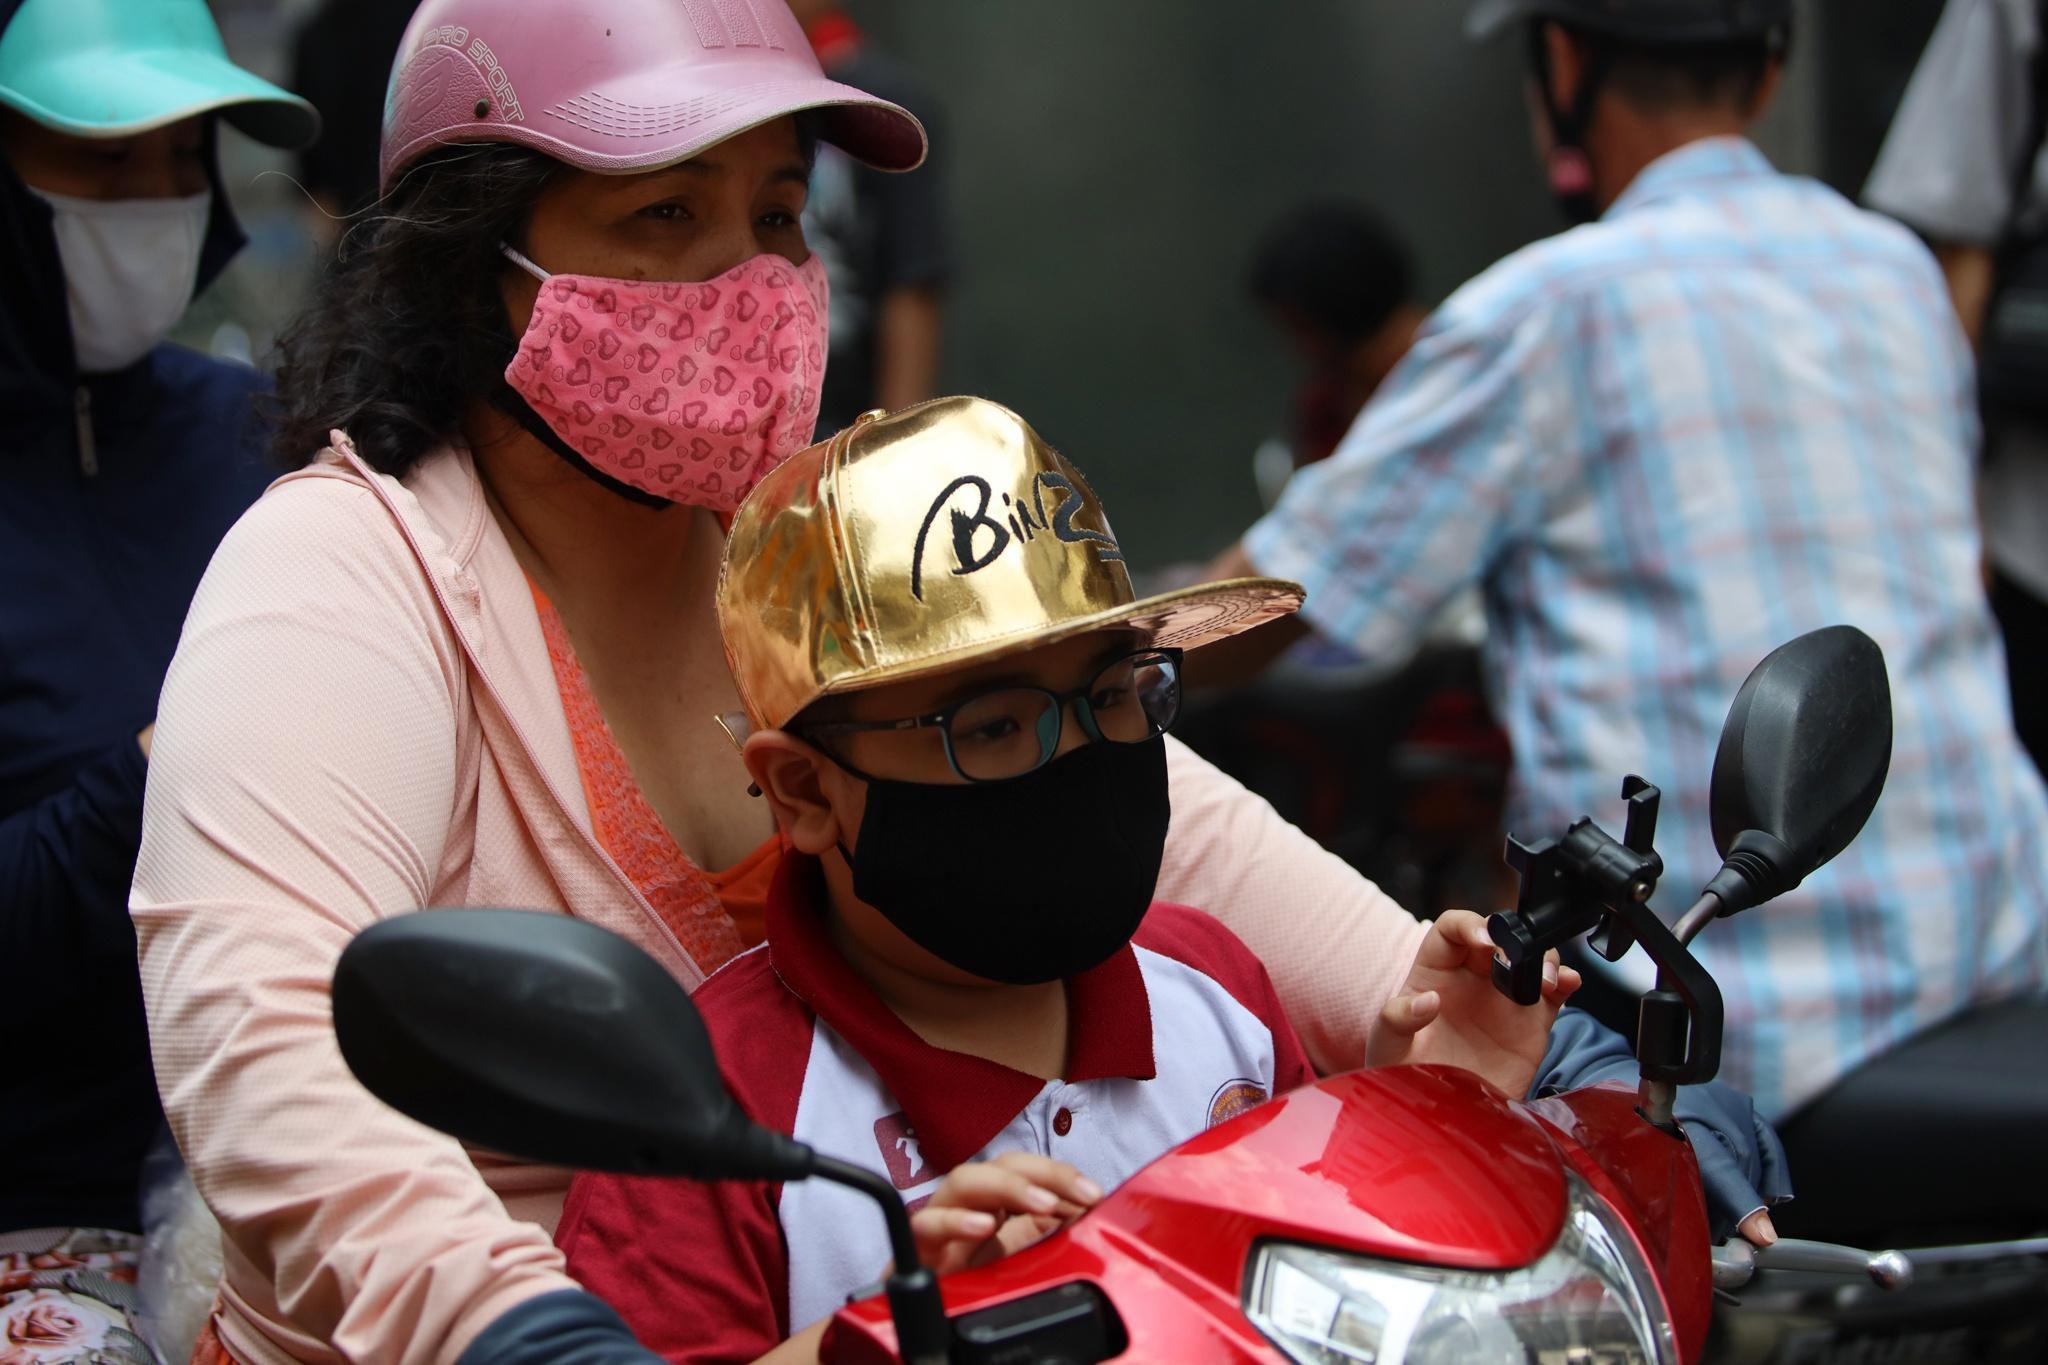 Giới trẻ mặc gì tại vòng casting Rap Việt? Ảnh 16